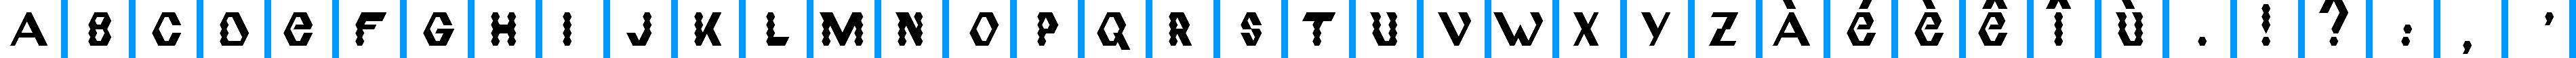 Particip-a-type v.21